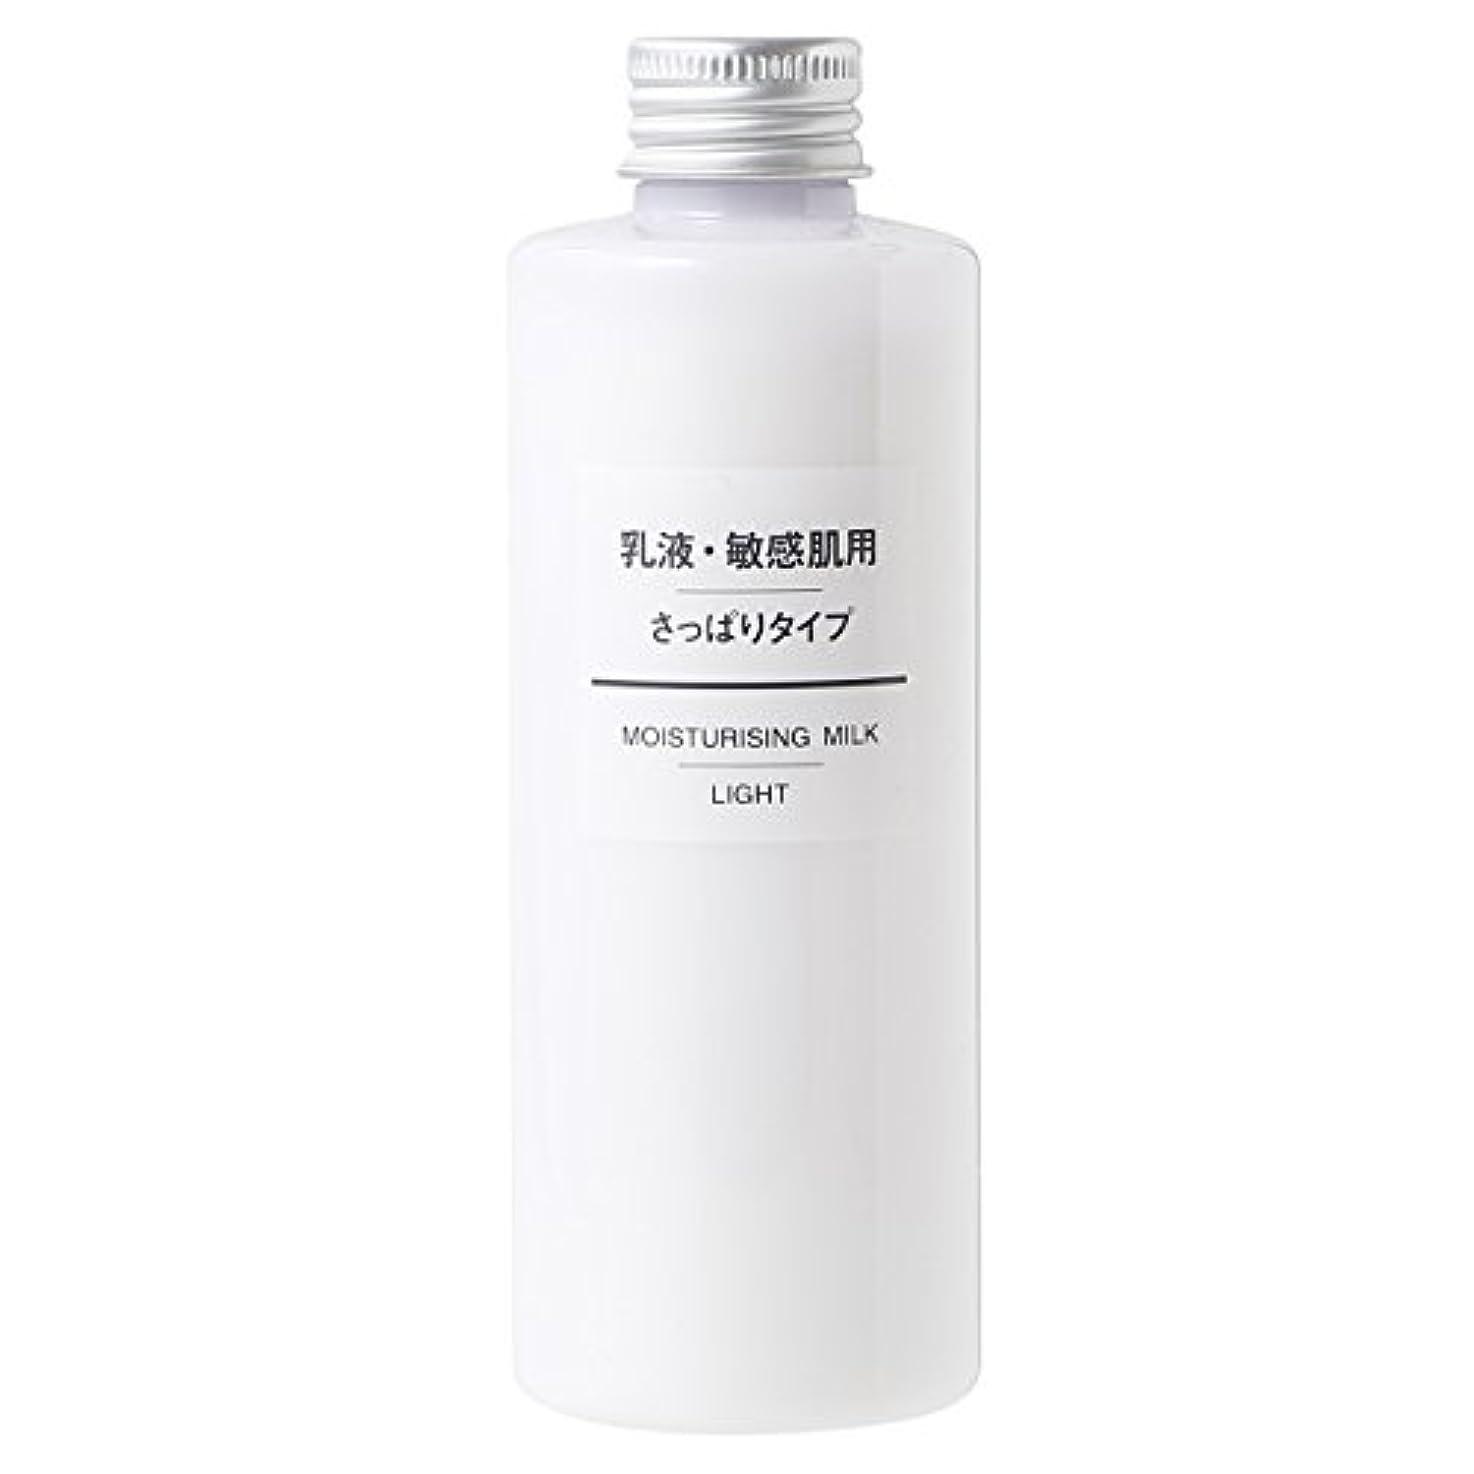 低いクリーム規範無印良品 乳液 敏感肌用 さっぱりタイプ 200ml